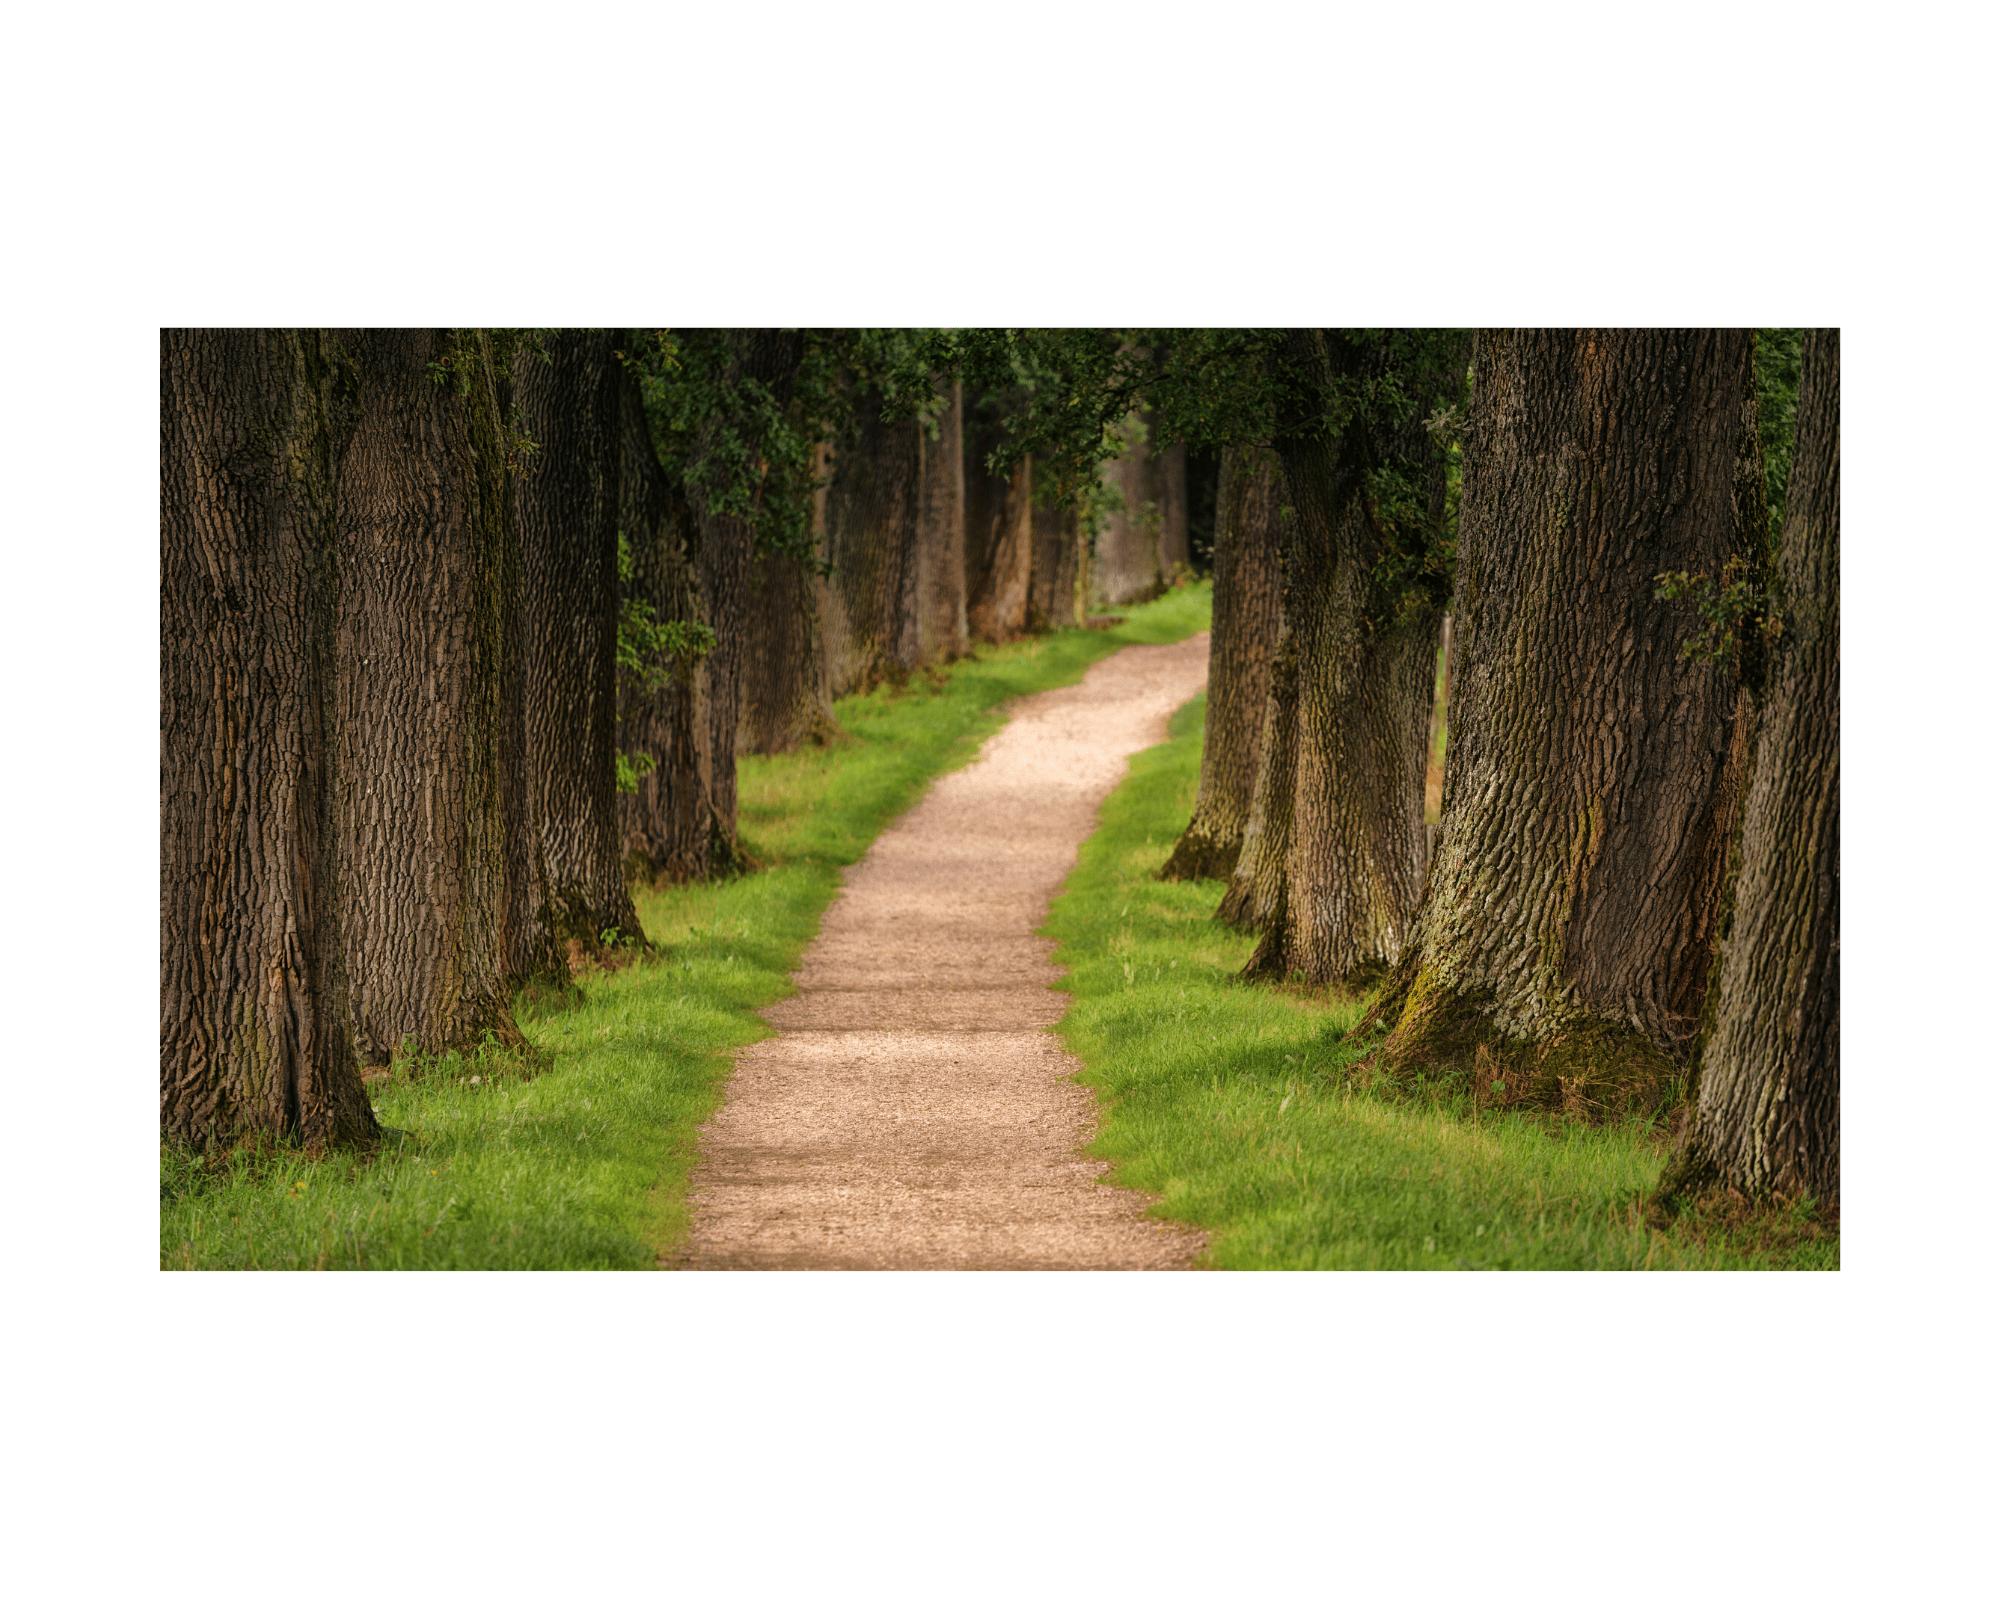 Droga wzdłuż lasu pokazuje drogę życia. Droga to pytanie co to jest misja życiowa, pytanie o cel i sens życia